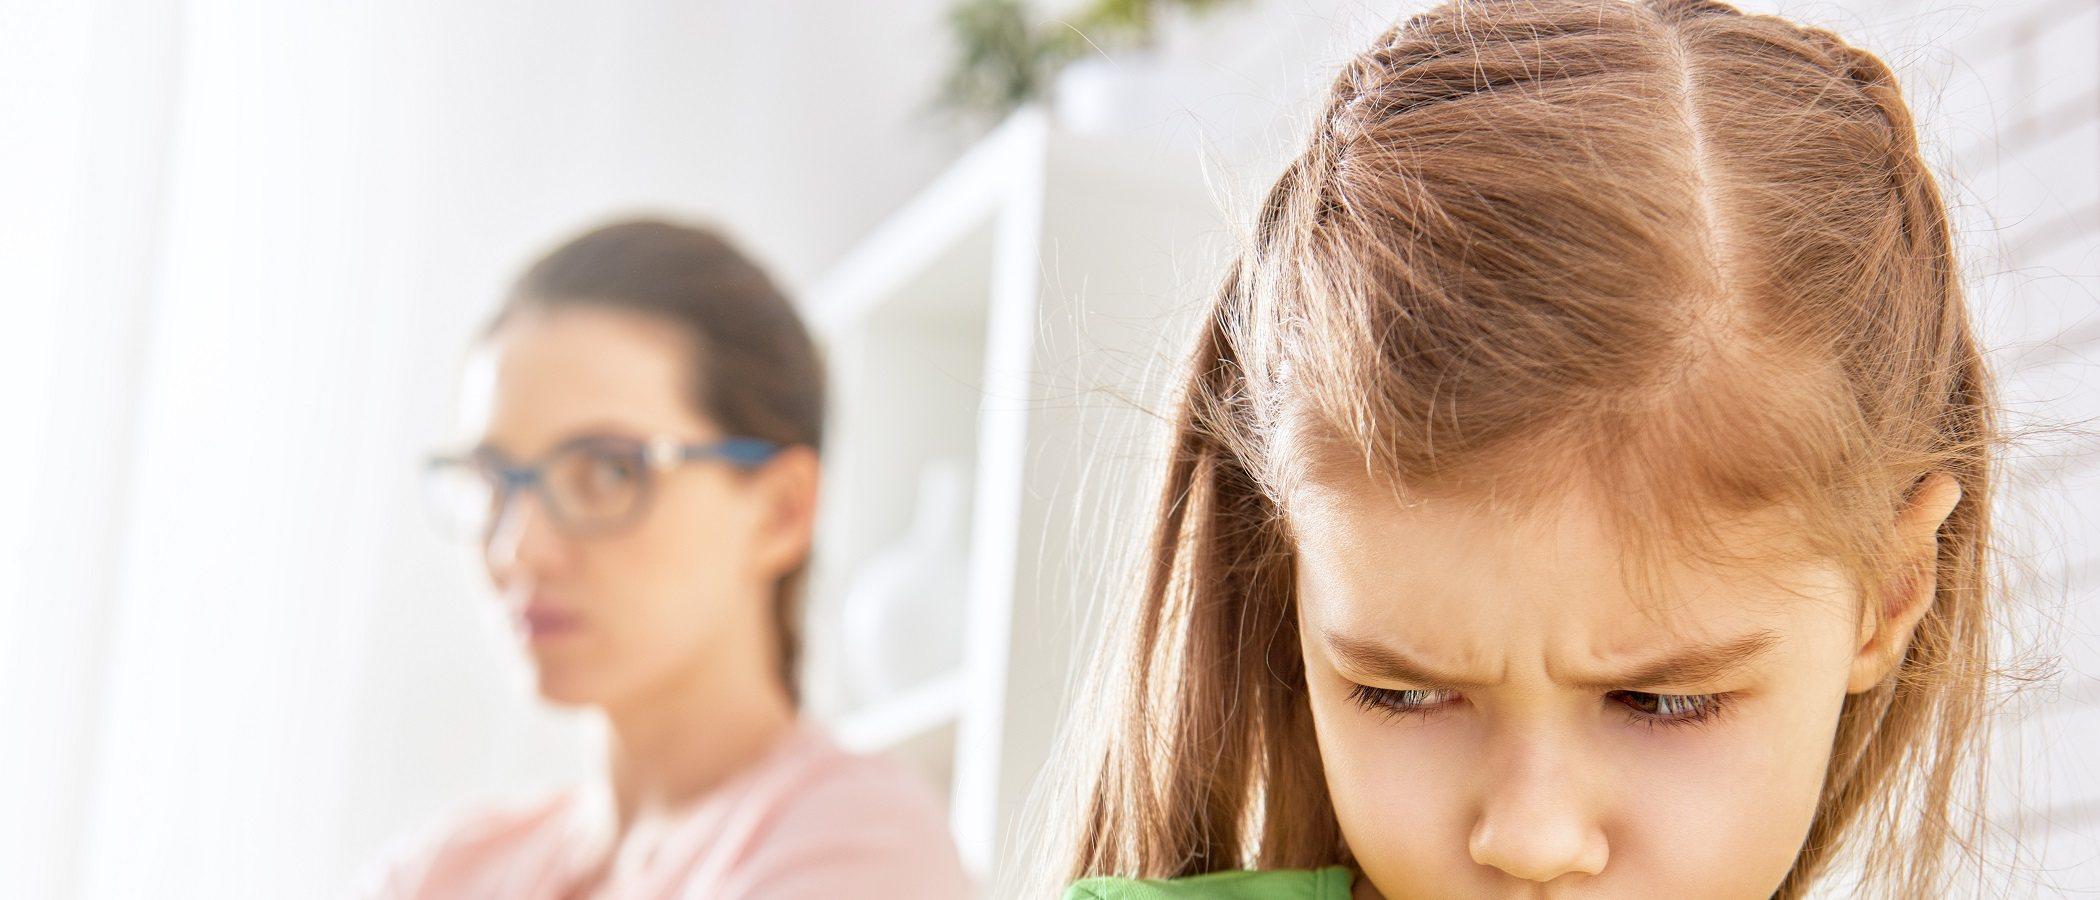 Disciplina efectiva para niños de 10 años